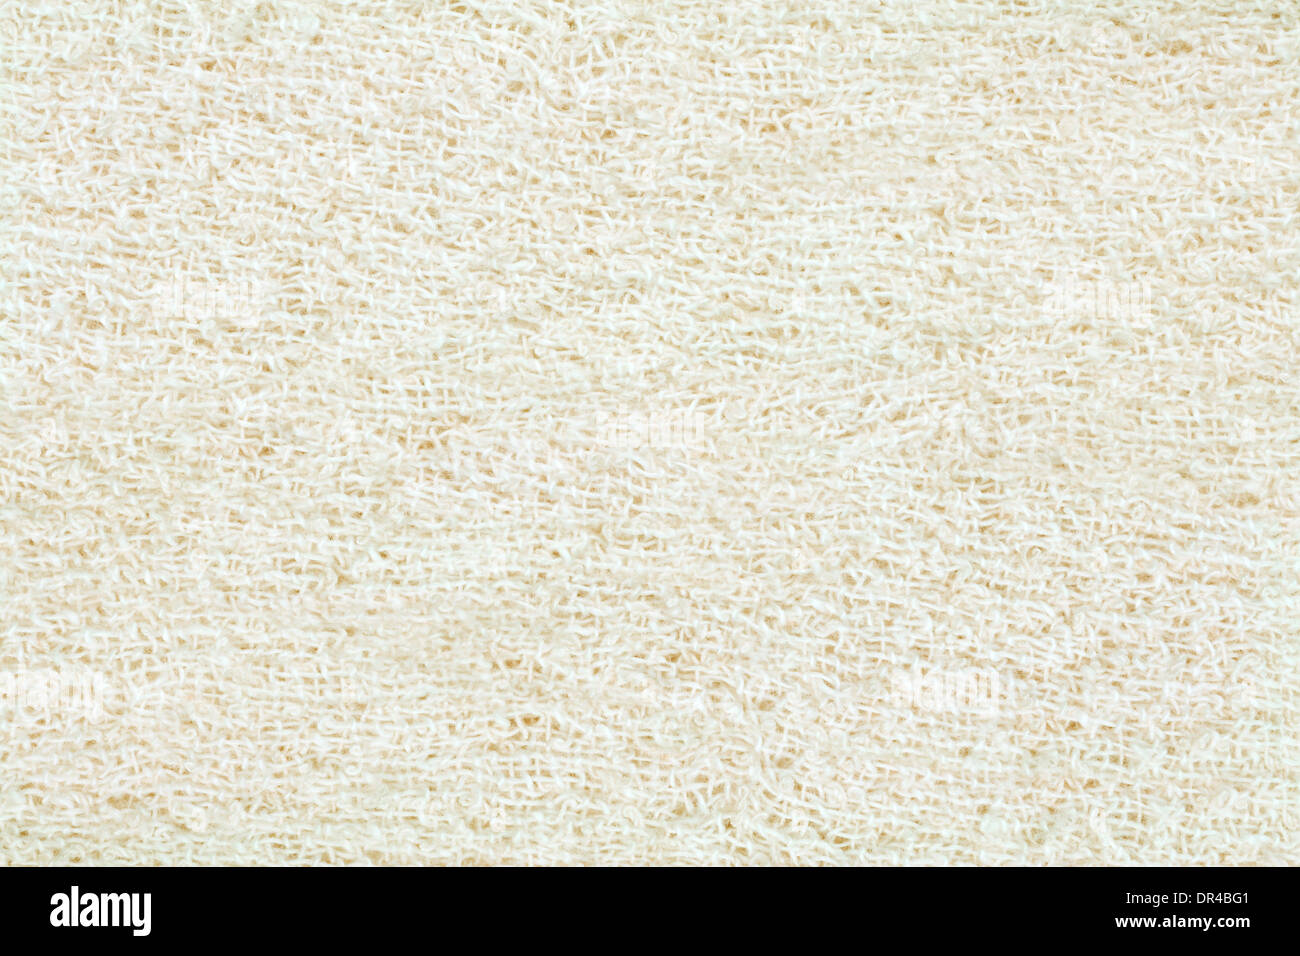 Cotton Bandage Surface Texture Background - Stock Image